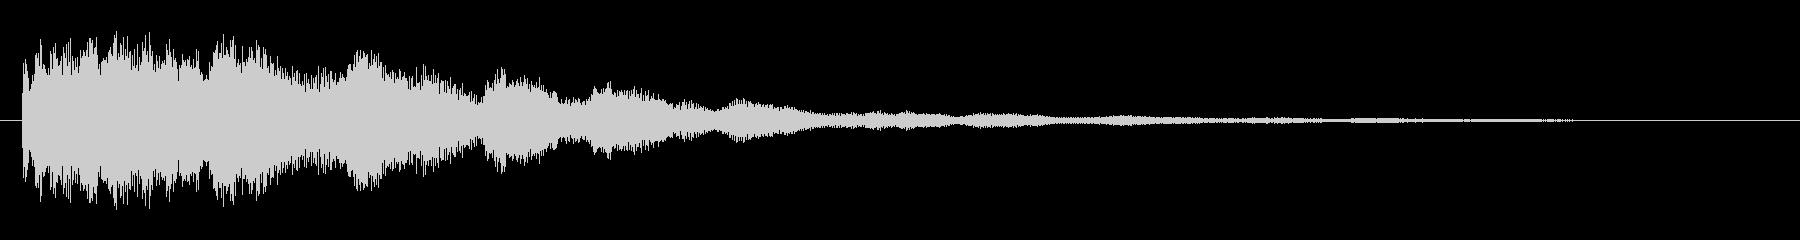 チャーン(高めの電子音)の未再生の波形